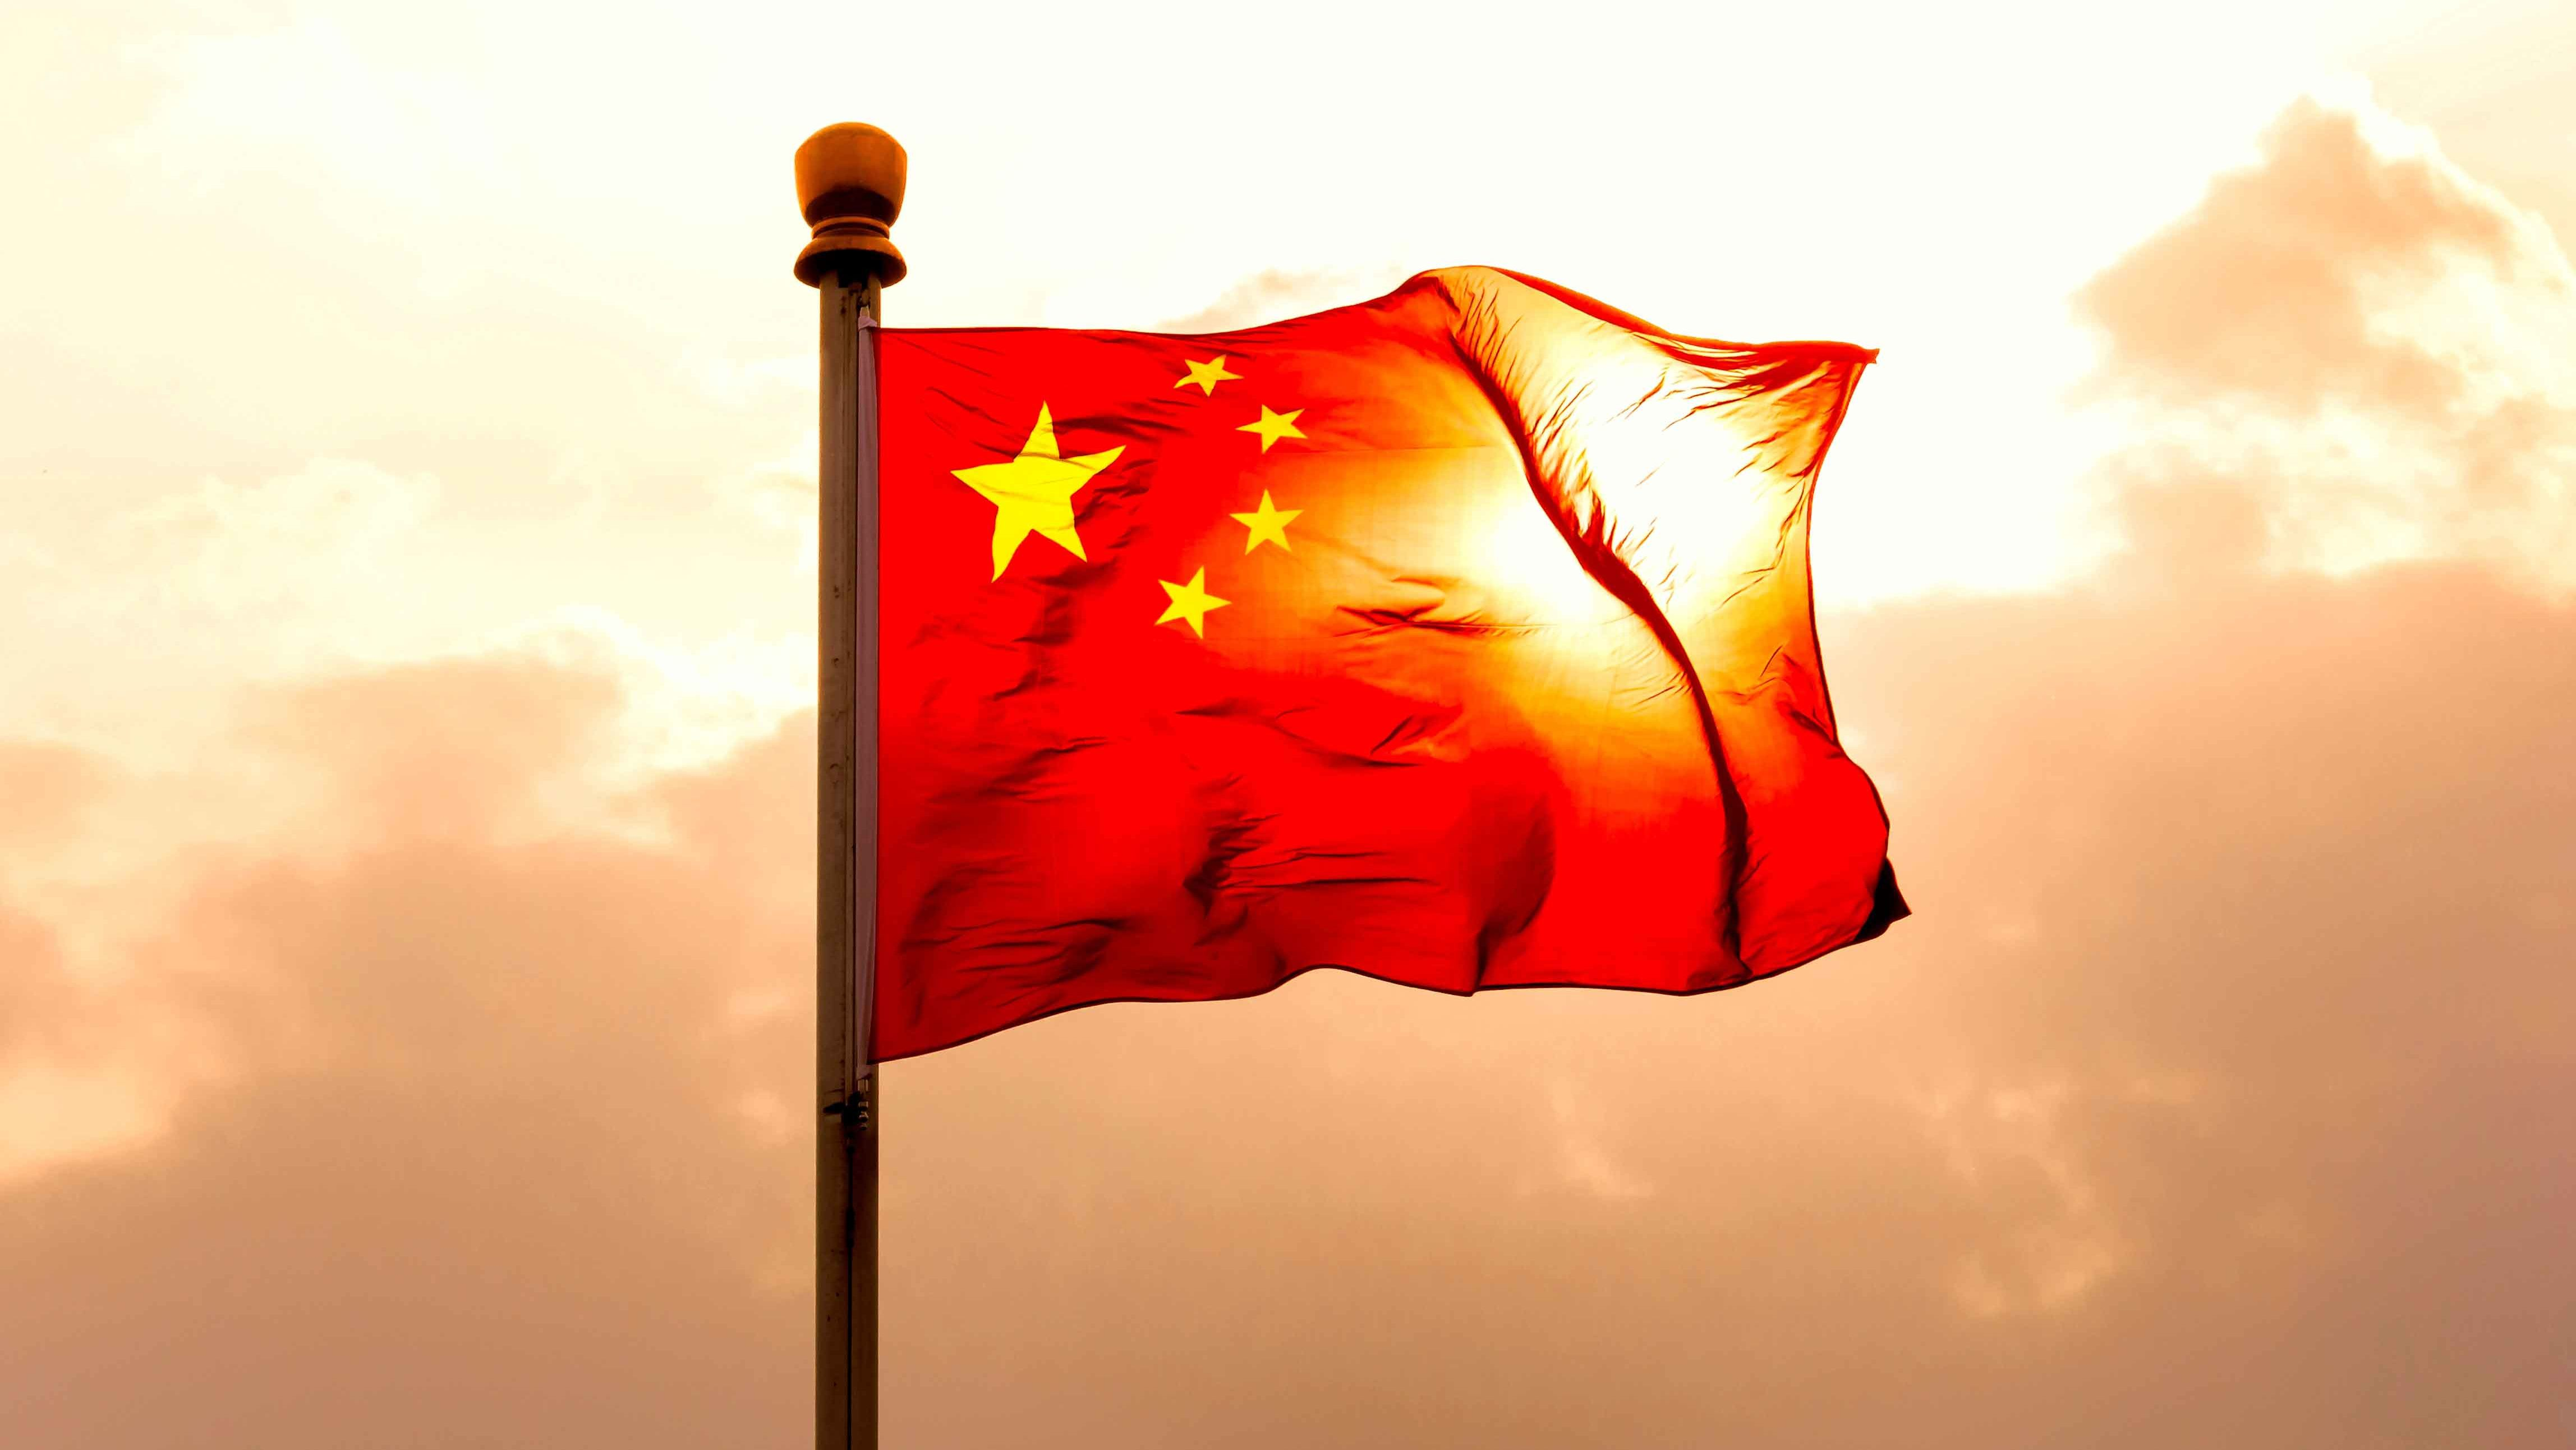 хорошее флаг китая картинки в хорошем качестве хризантемы